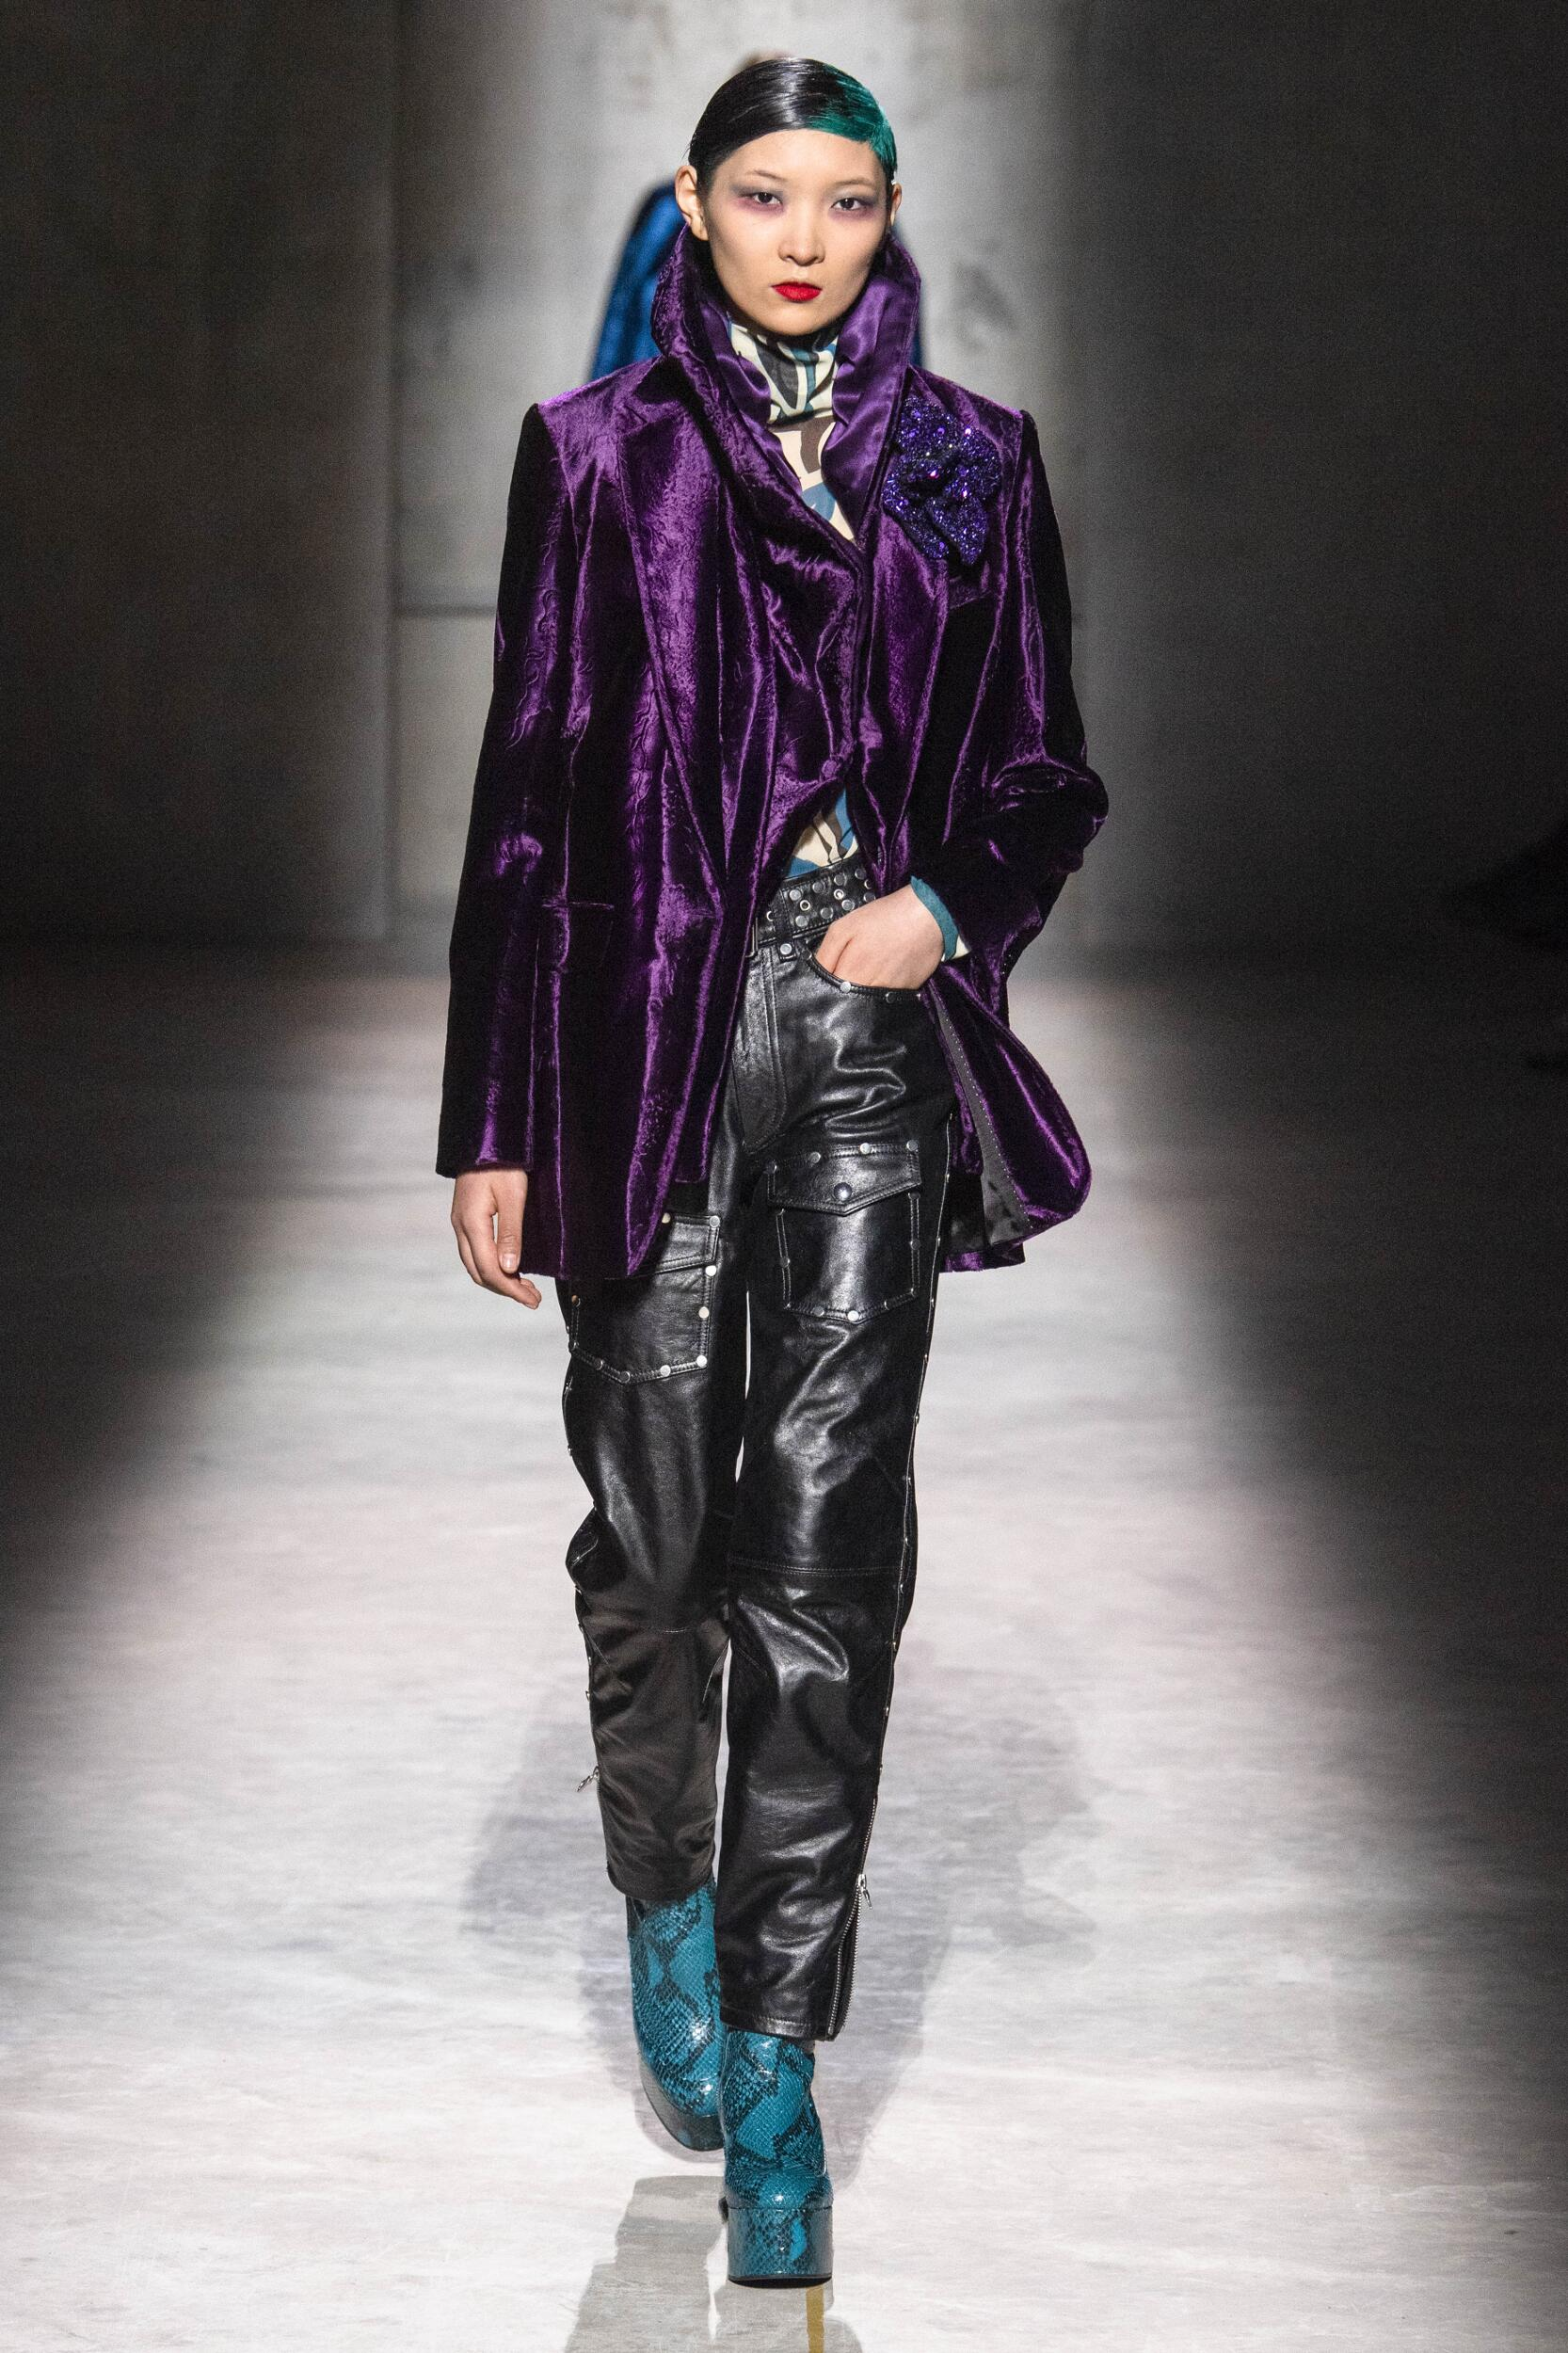 Fashion Week 2020 Catwalk Dries Van Noten